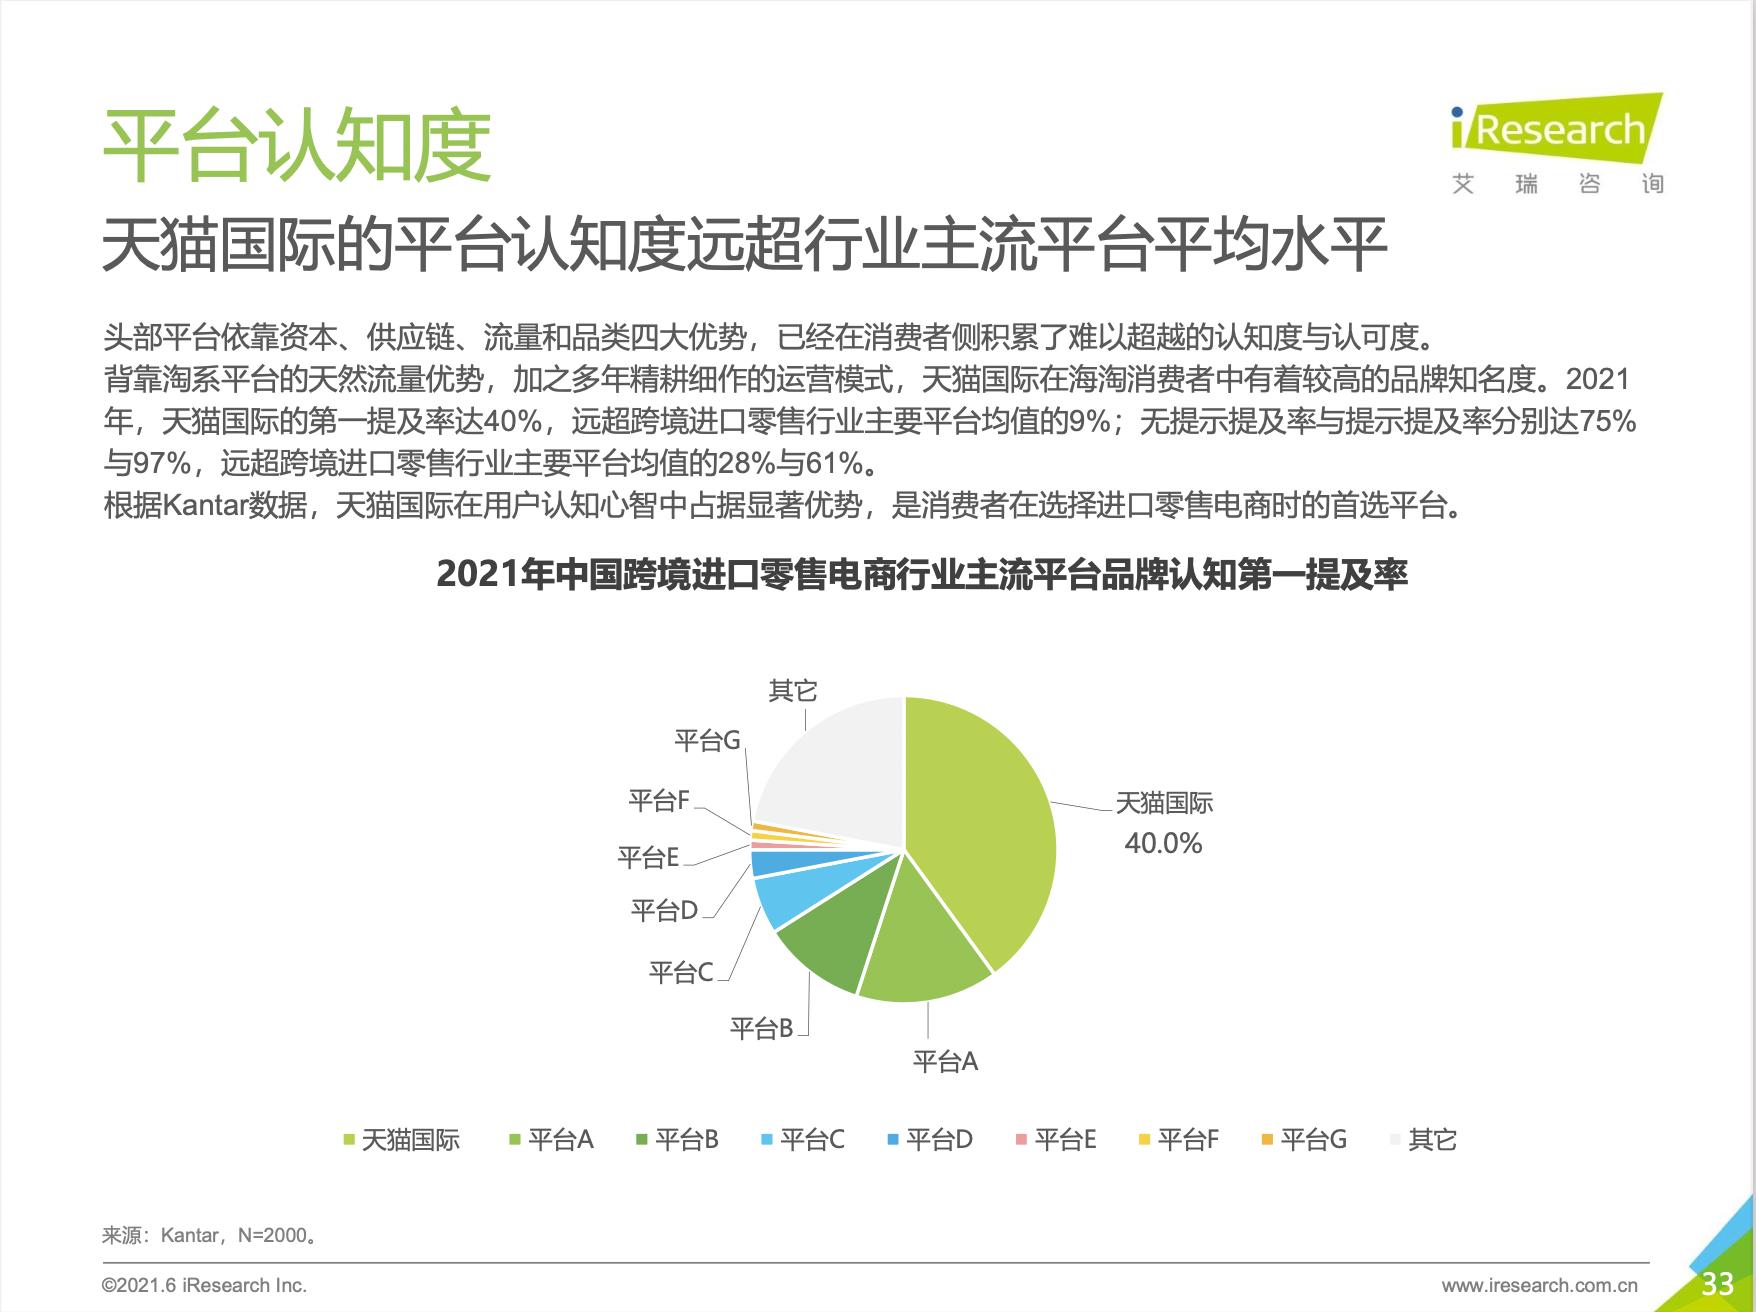 2021跨境海淘行业白皮书:天猫国际是进口消费